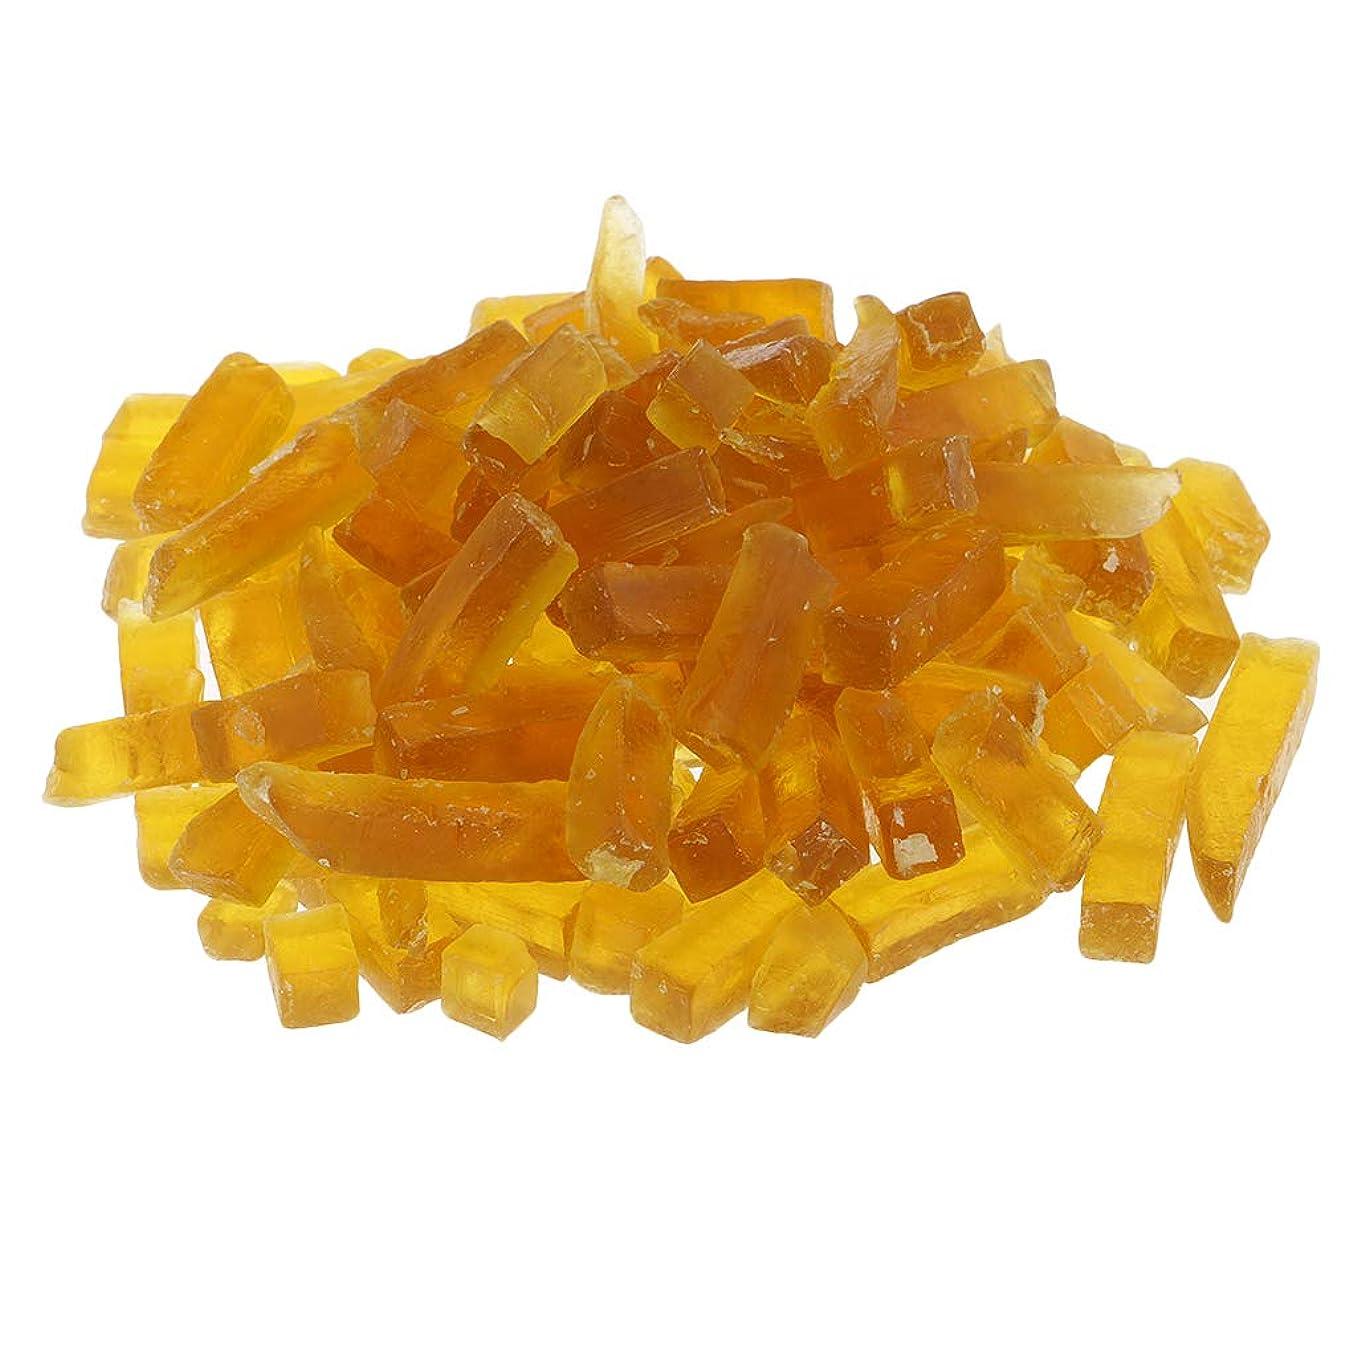 魅了する世辞スキャンダラスPerfeclan 溶融植物 石鹸 石鹸用 天然植物 石けん ソープベース 250g イエロー